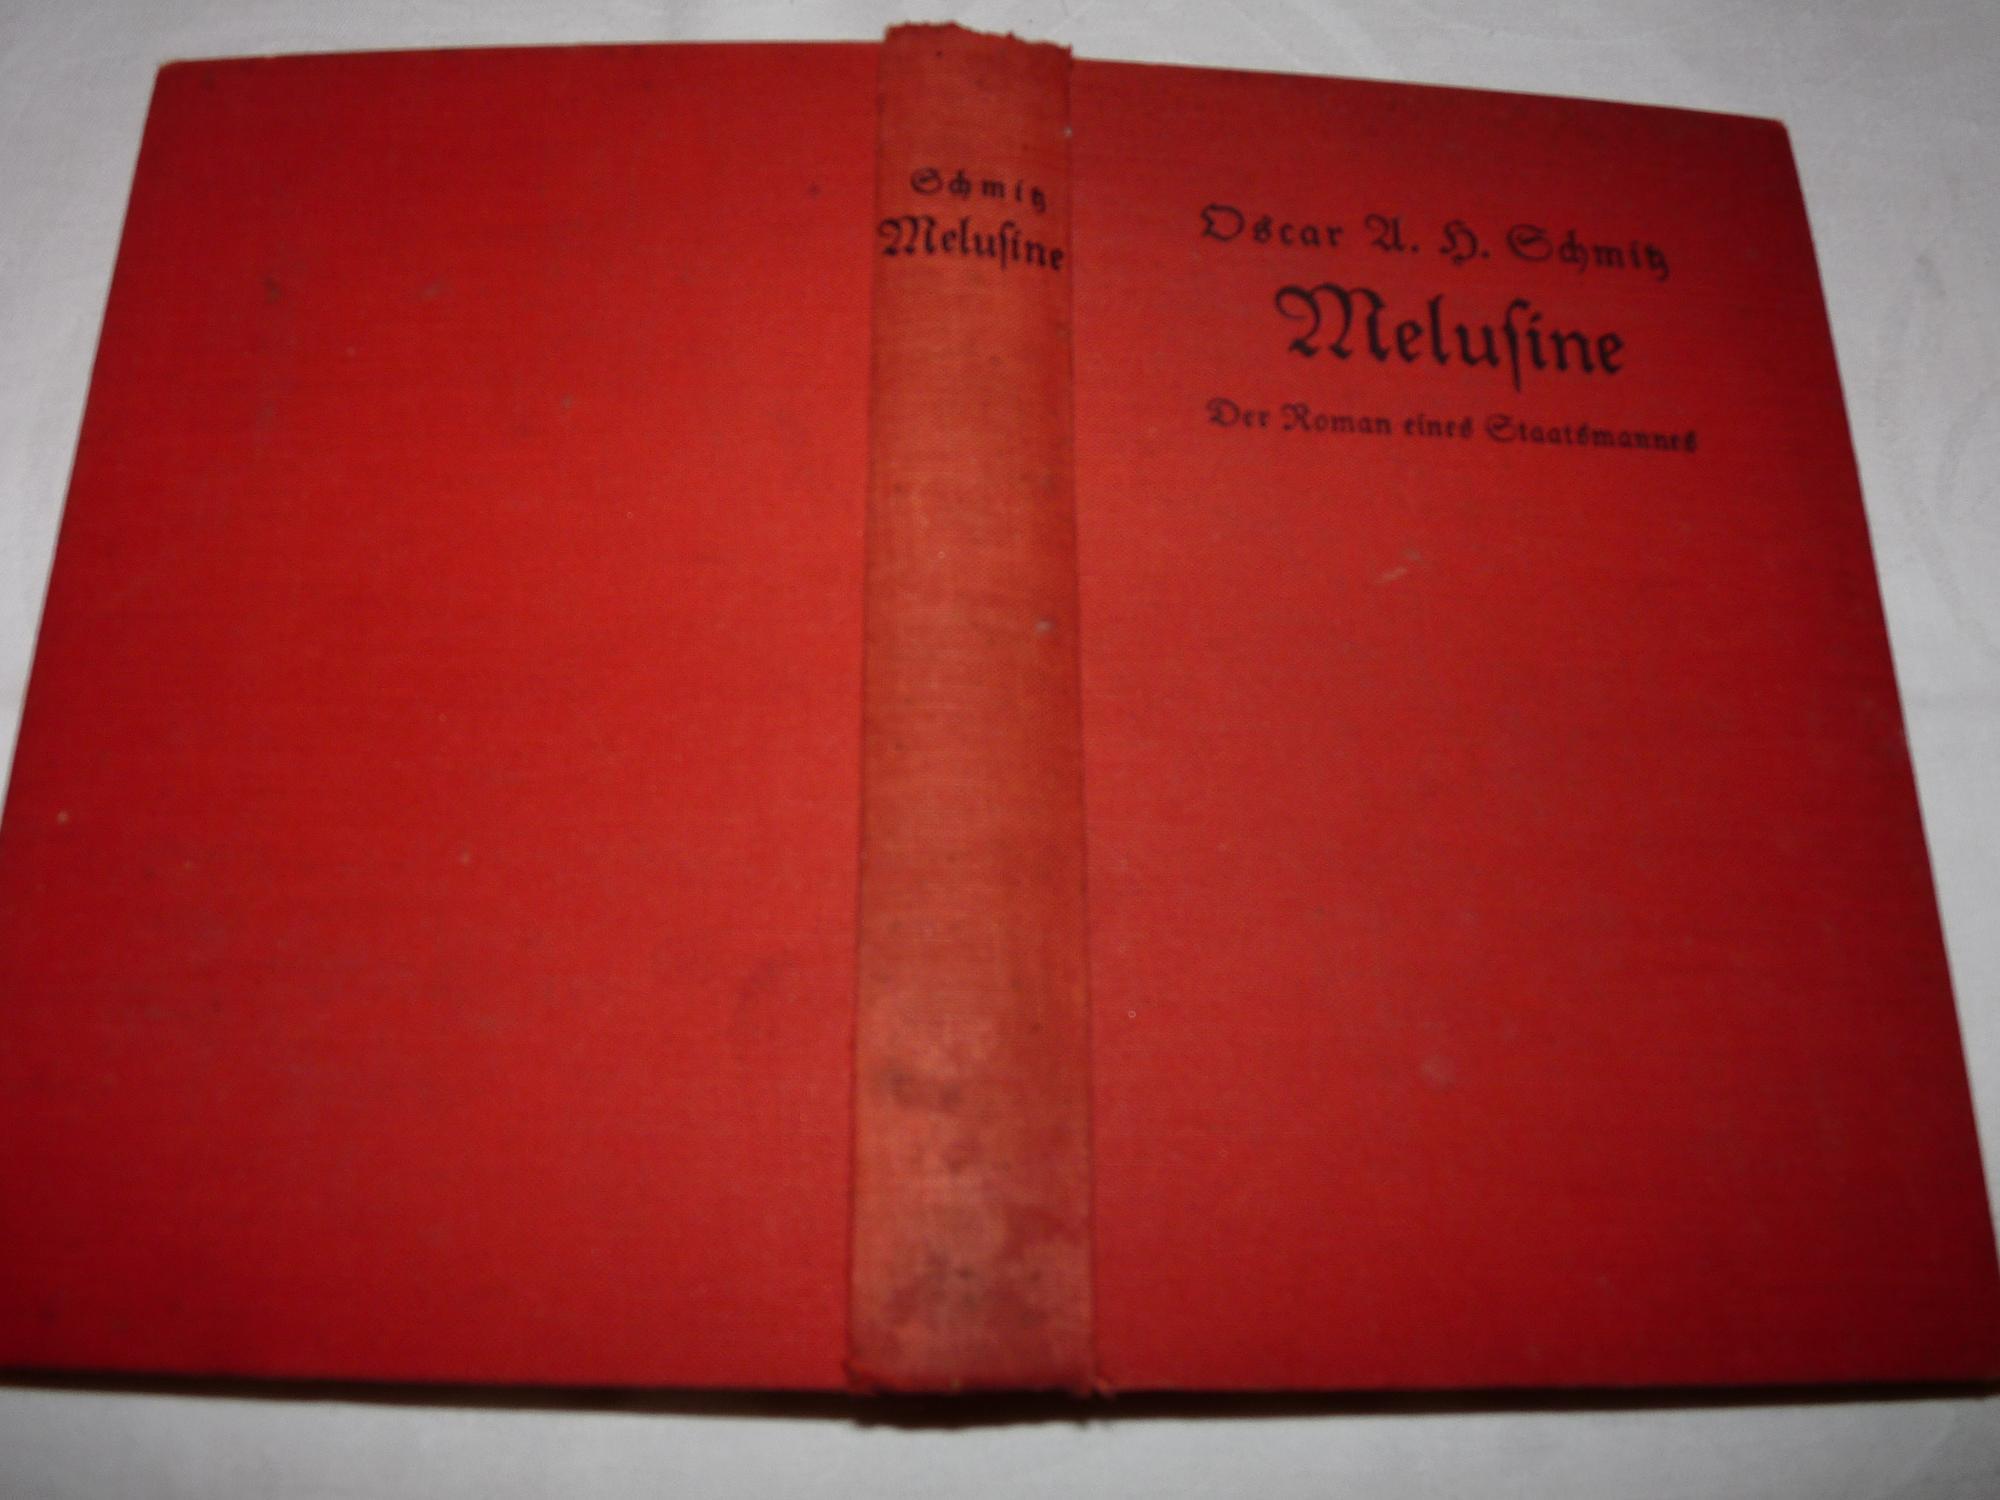 Melusine - Der Roman eines Staatsmannes -: Oscar A. H.